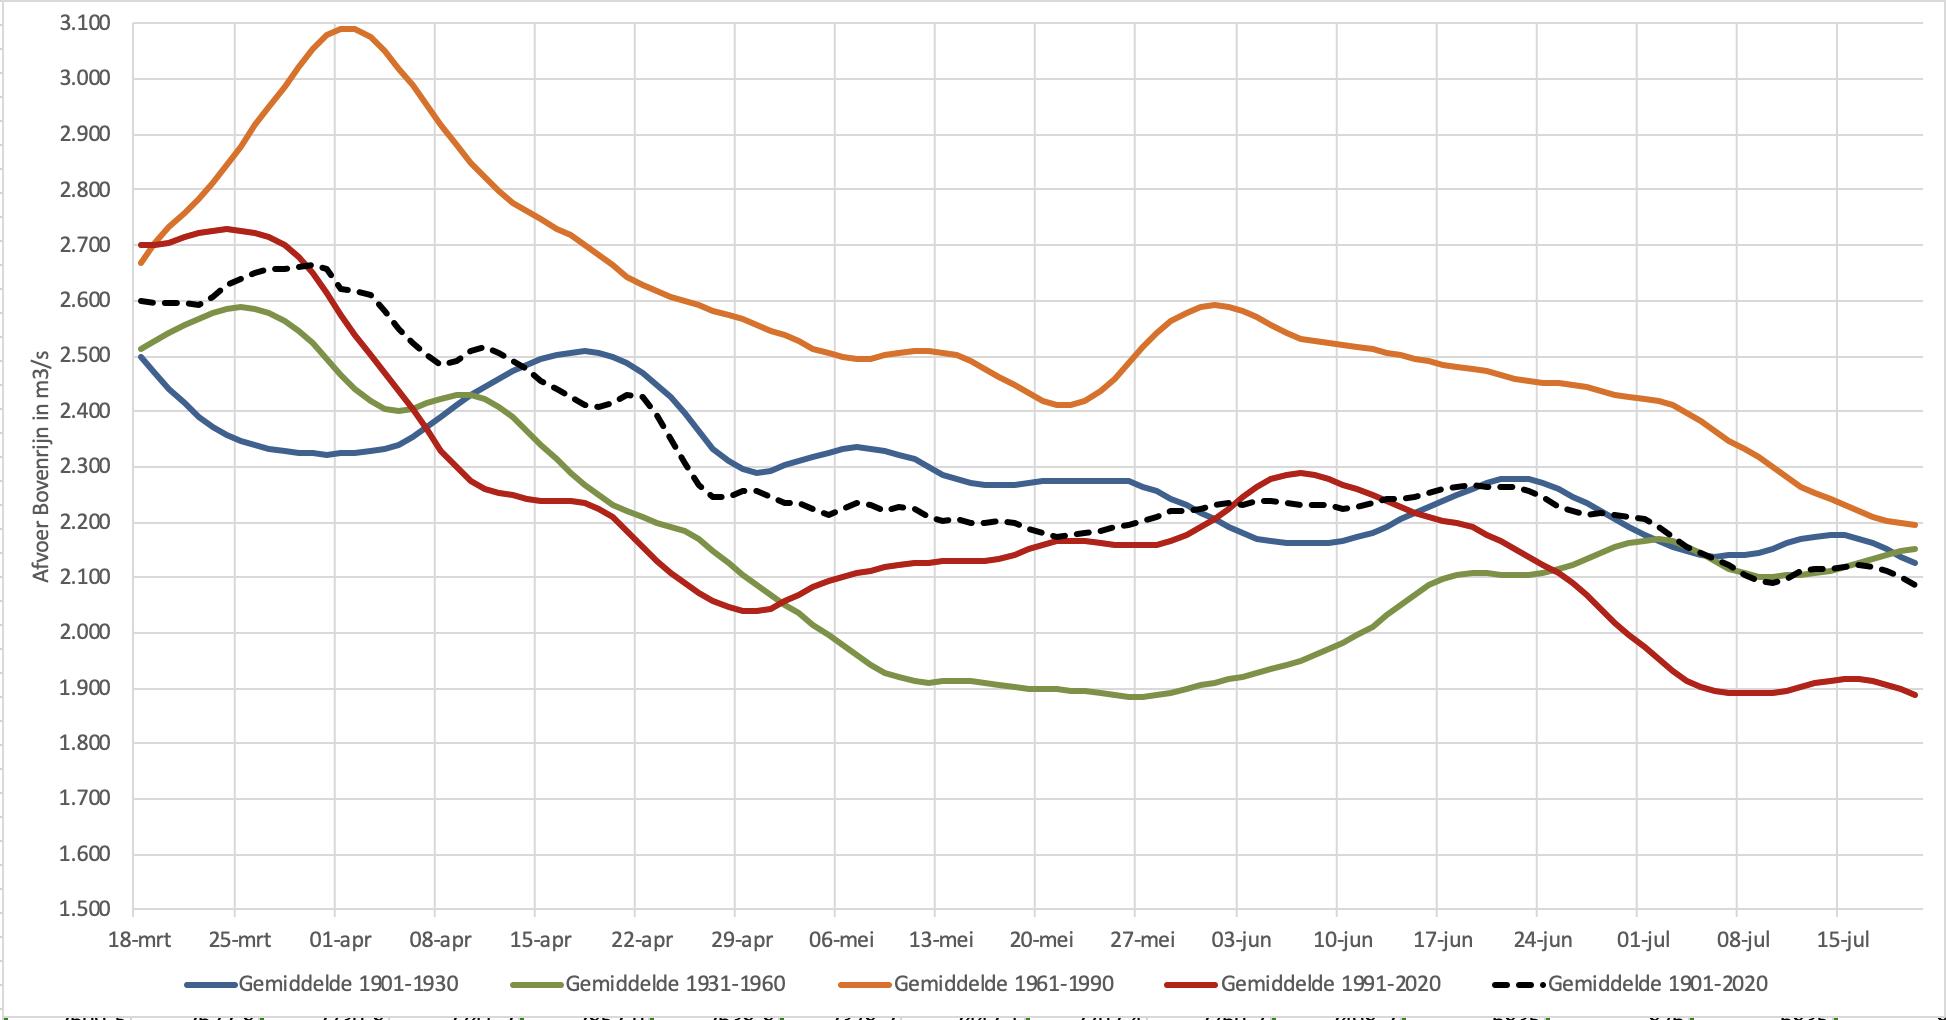 Variatie in de gemiddelde Rijnafvoeren bij Lobith tussen de vier 30-jarige perioden: 1901-1930, 1931-1960, 1961-1990 en 1991-2020. Ook het gemiddelde over de hele periode is weergegeven.